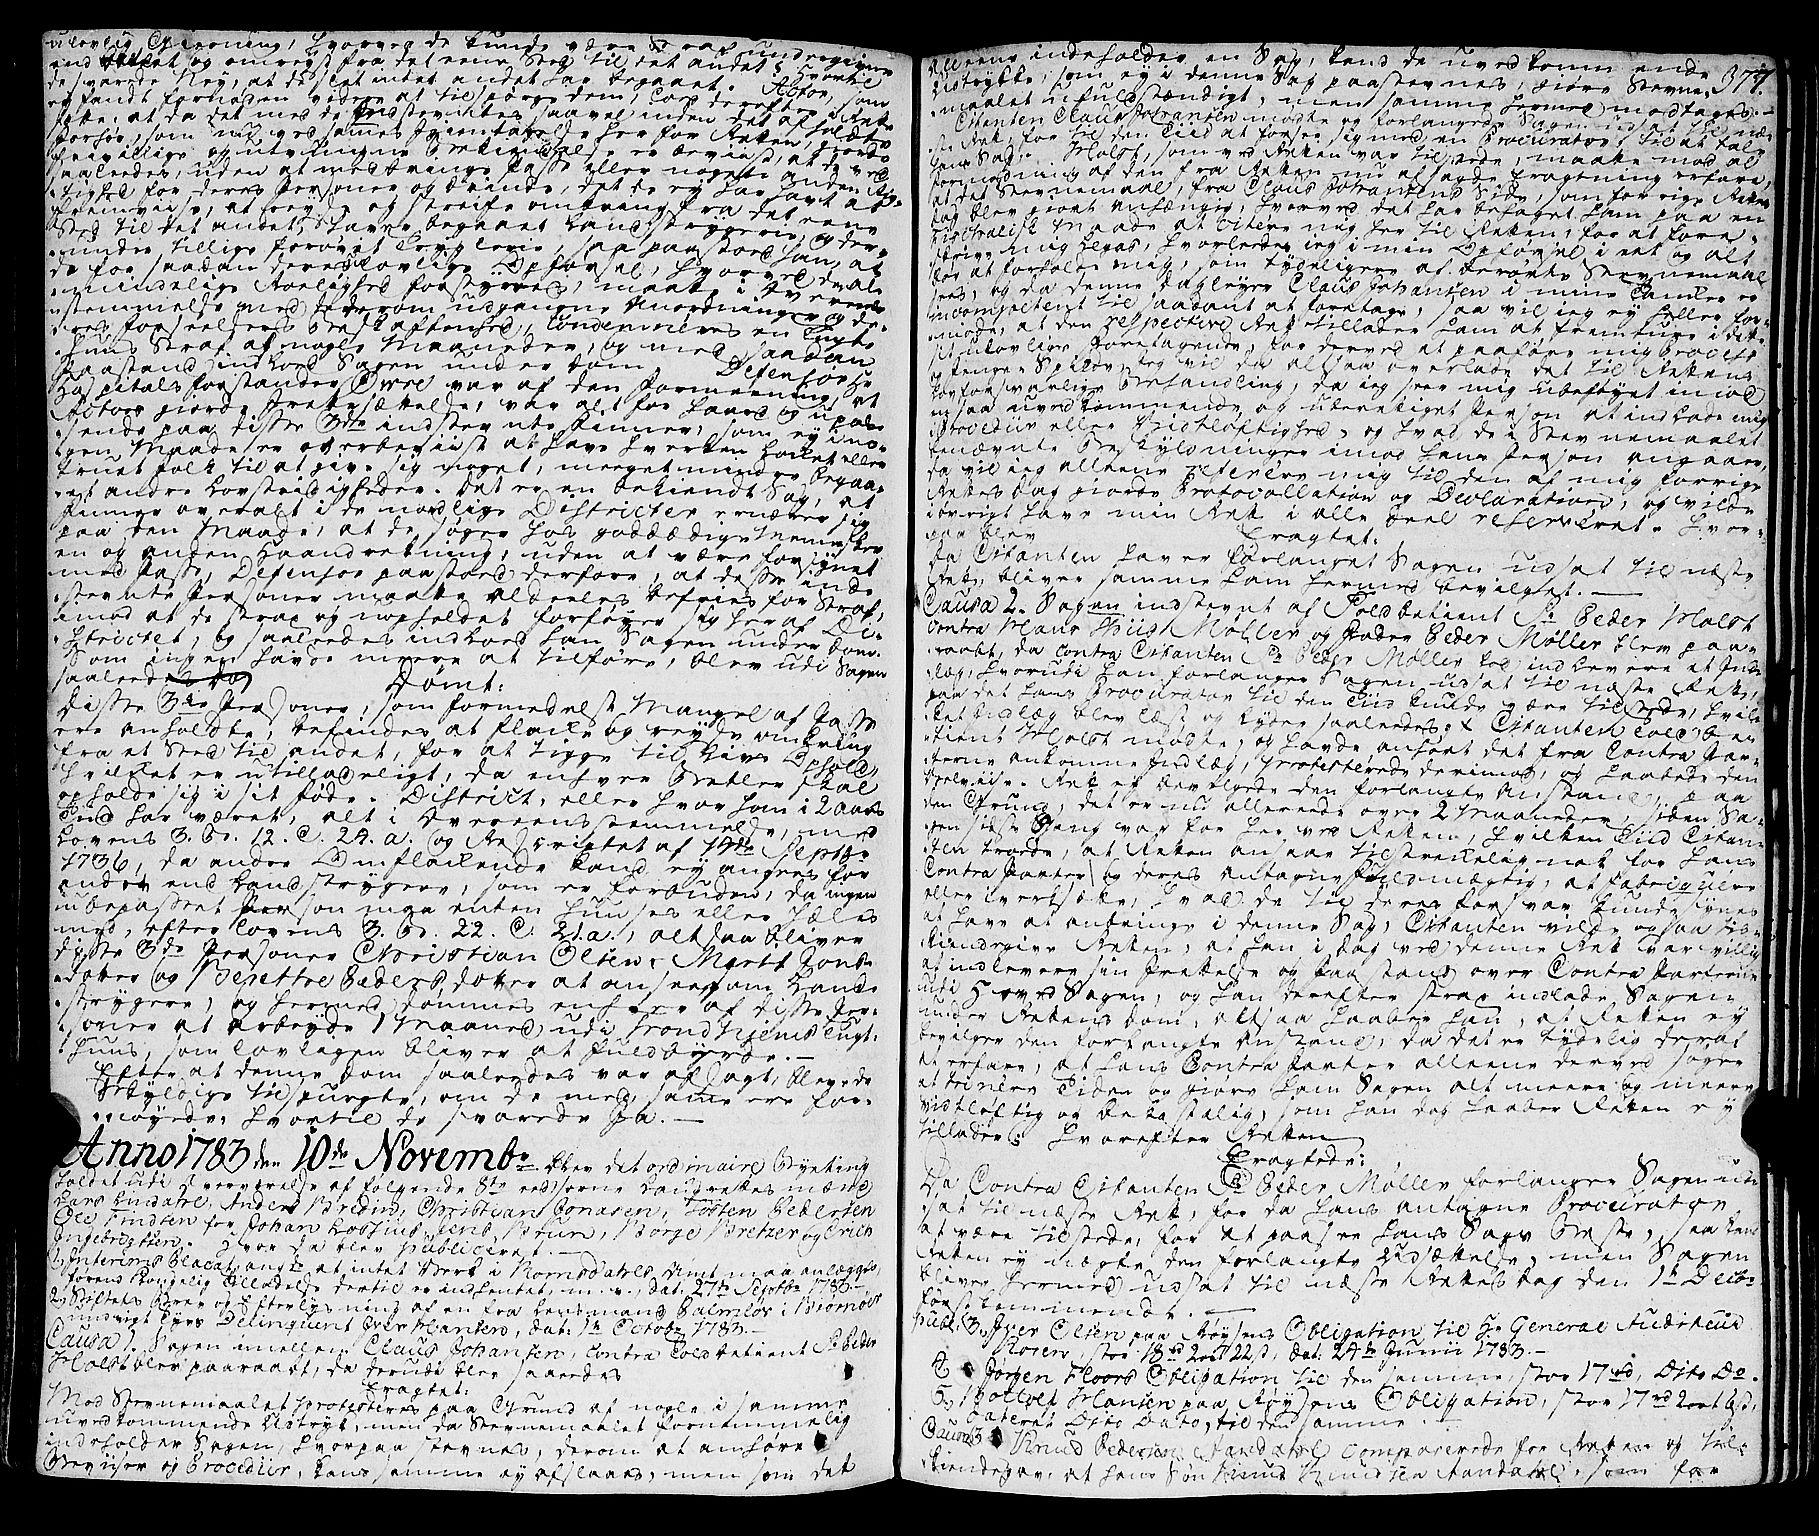 SAT, Molde byfogd, 1/1A/L0001: Justisprotokoll, 1764-1796, s. 378